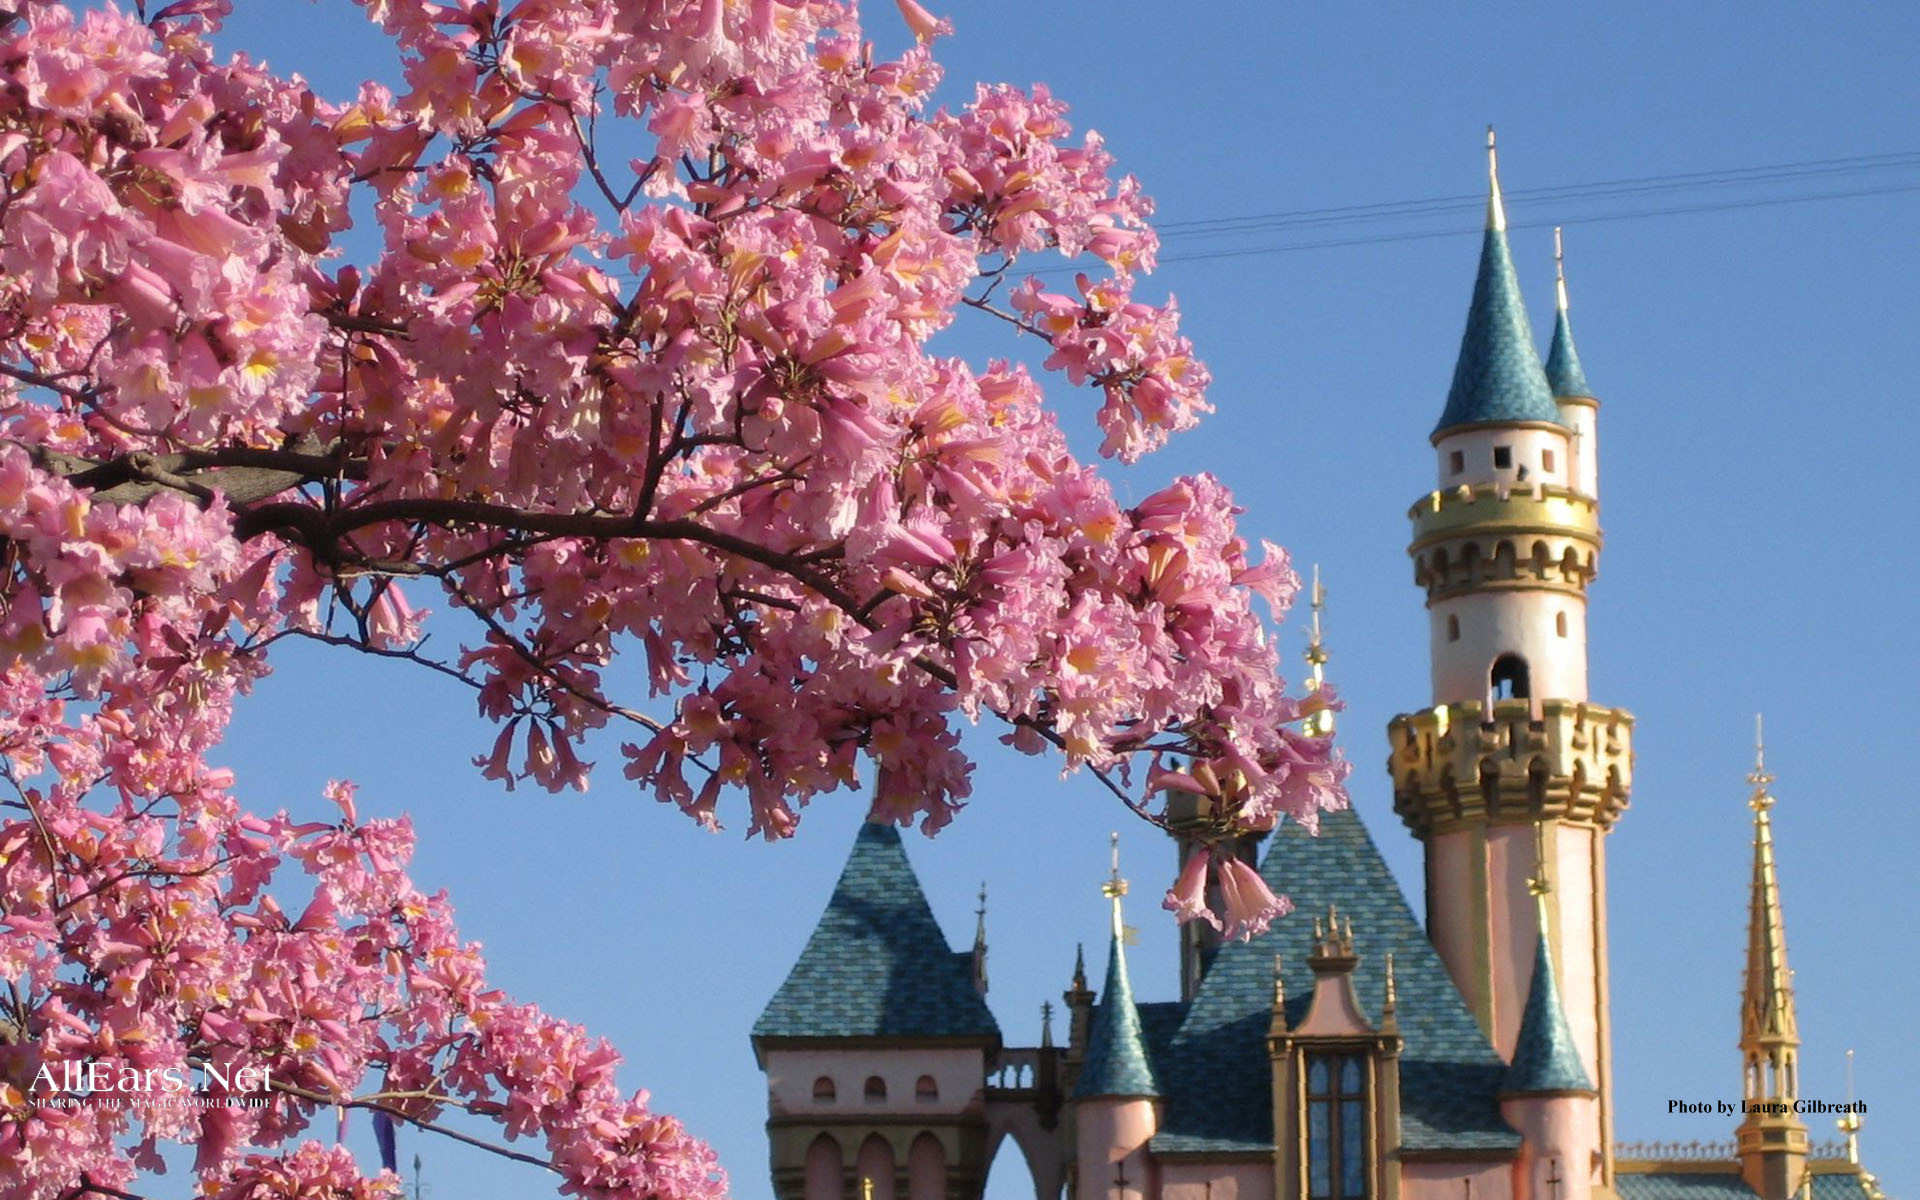 Sleeping Beauty Castle with Ice Lighting